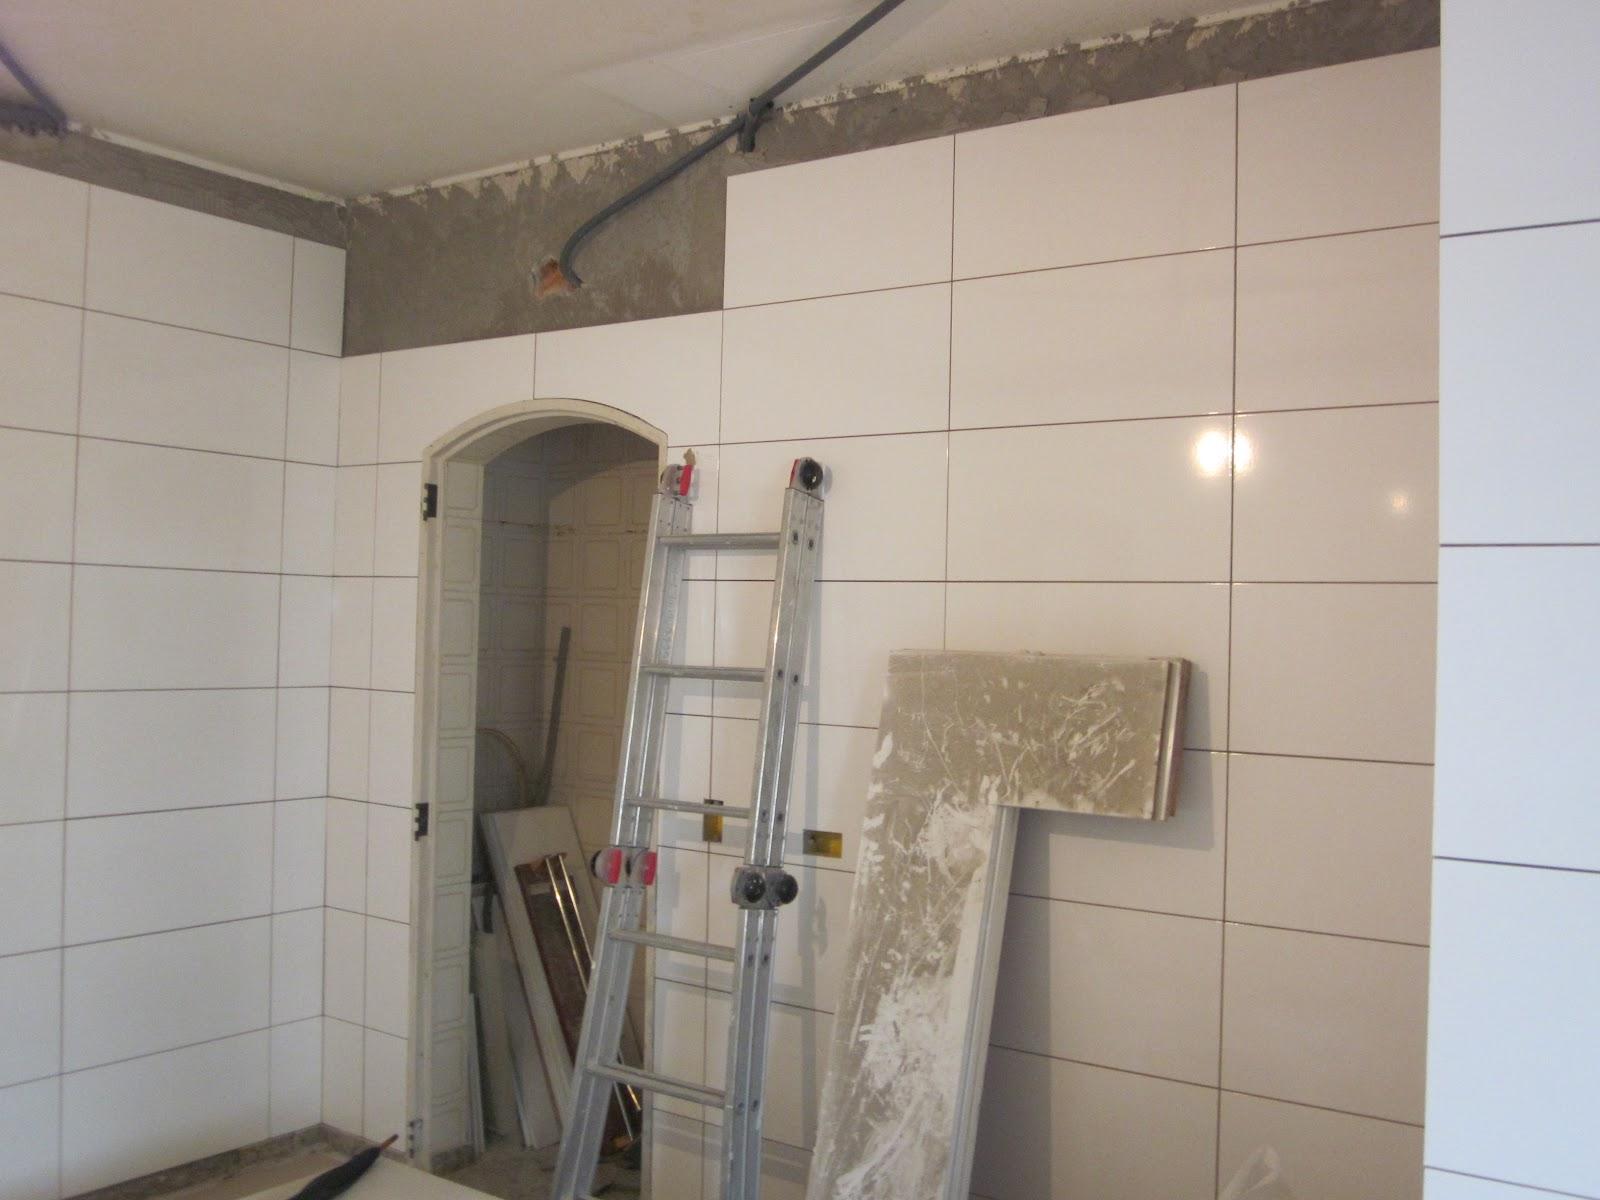 Azulejo Para Banheiro 2 HD Walls Find Wallpapers #776654 1600x1200 Azulejo Banheiro Deitado Ou Em Pé